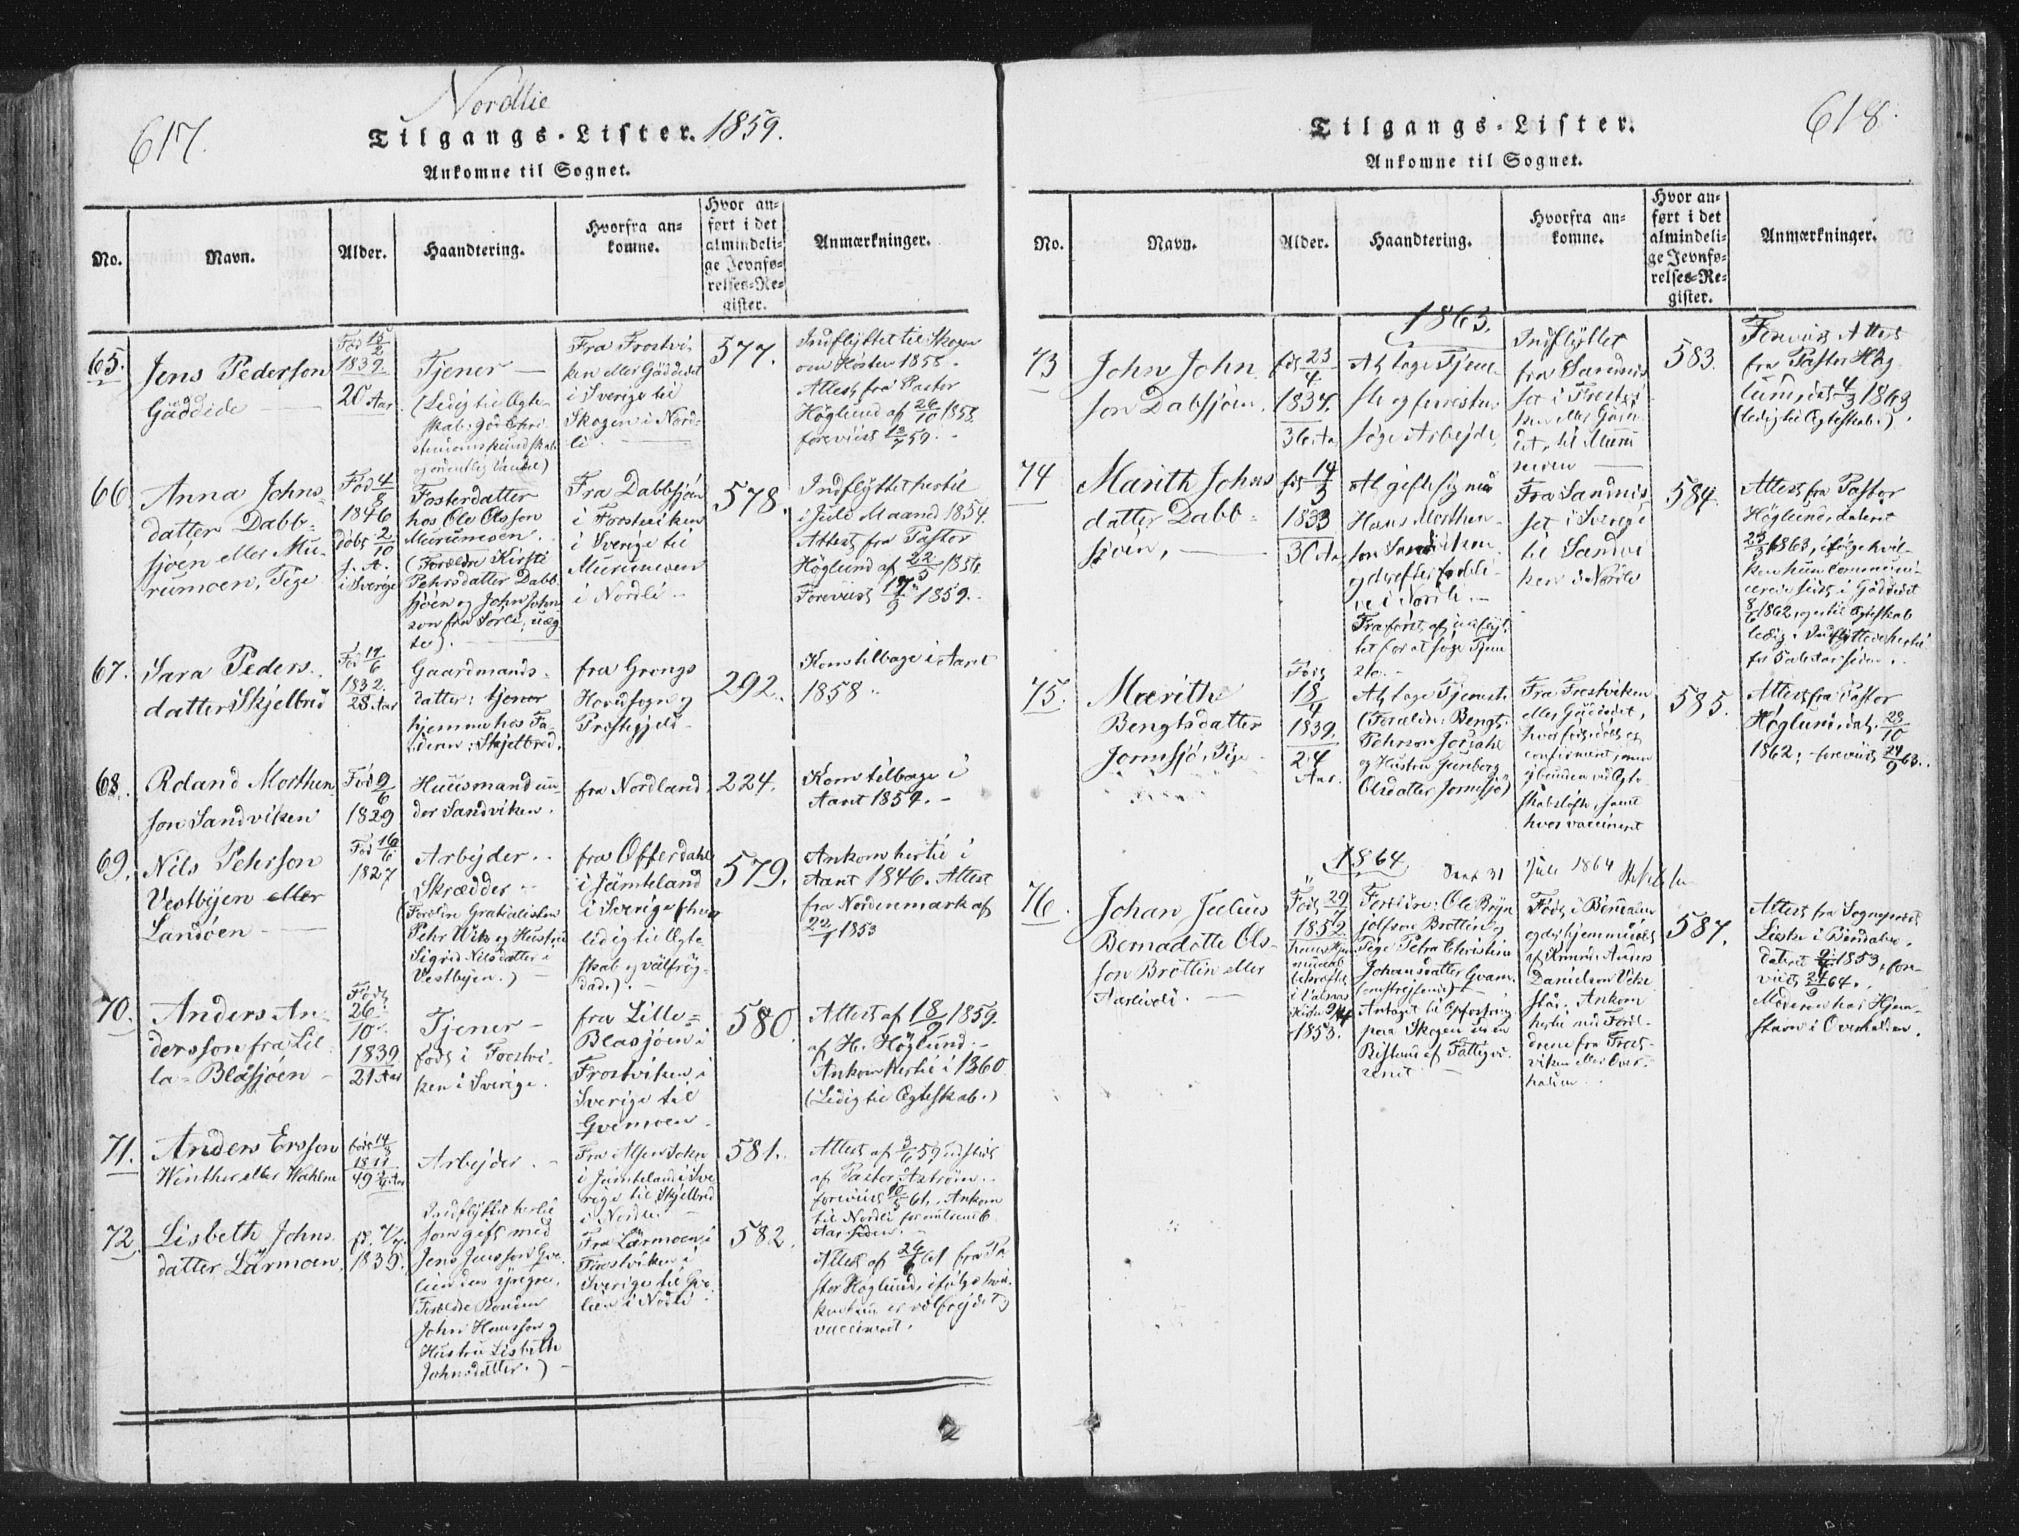 SAT, Ministerialprotokoller, klokkerbøker og fødselsregistre - Nord-Trøndelag, 755/L0491: Ministerialbok nr. 755A01 /1, 1817-1864, s. 617-618